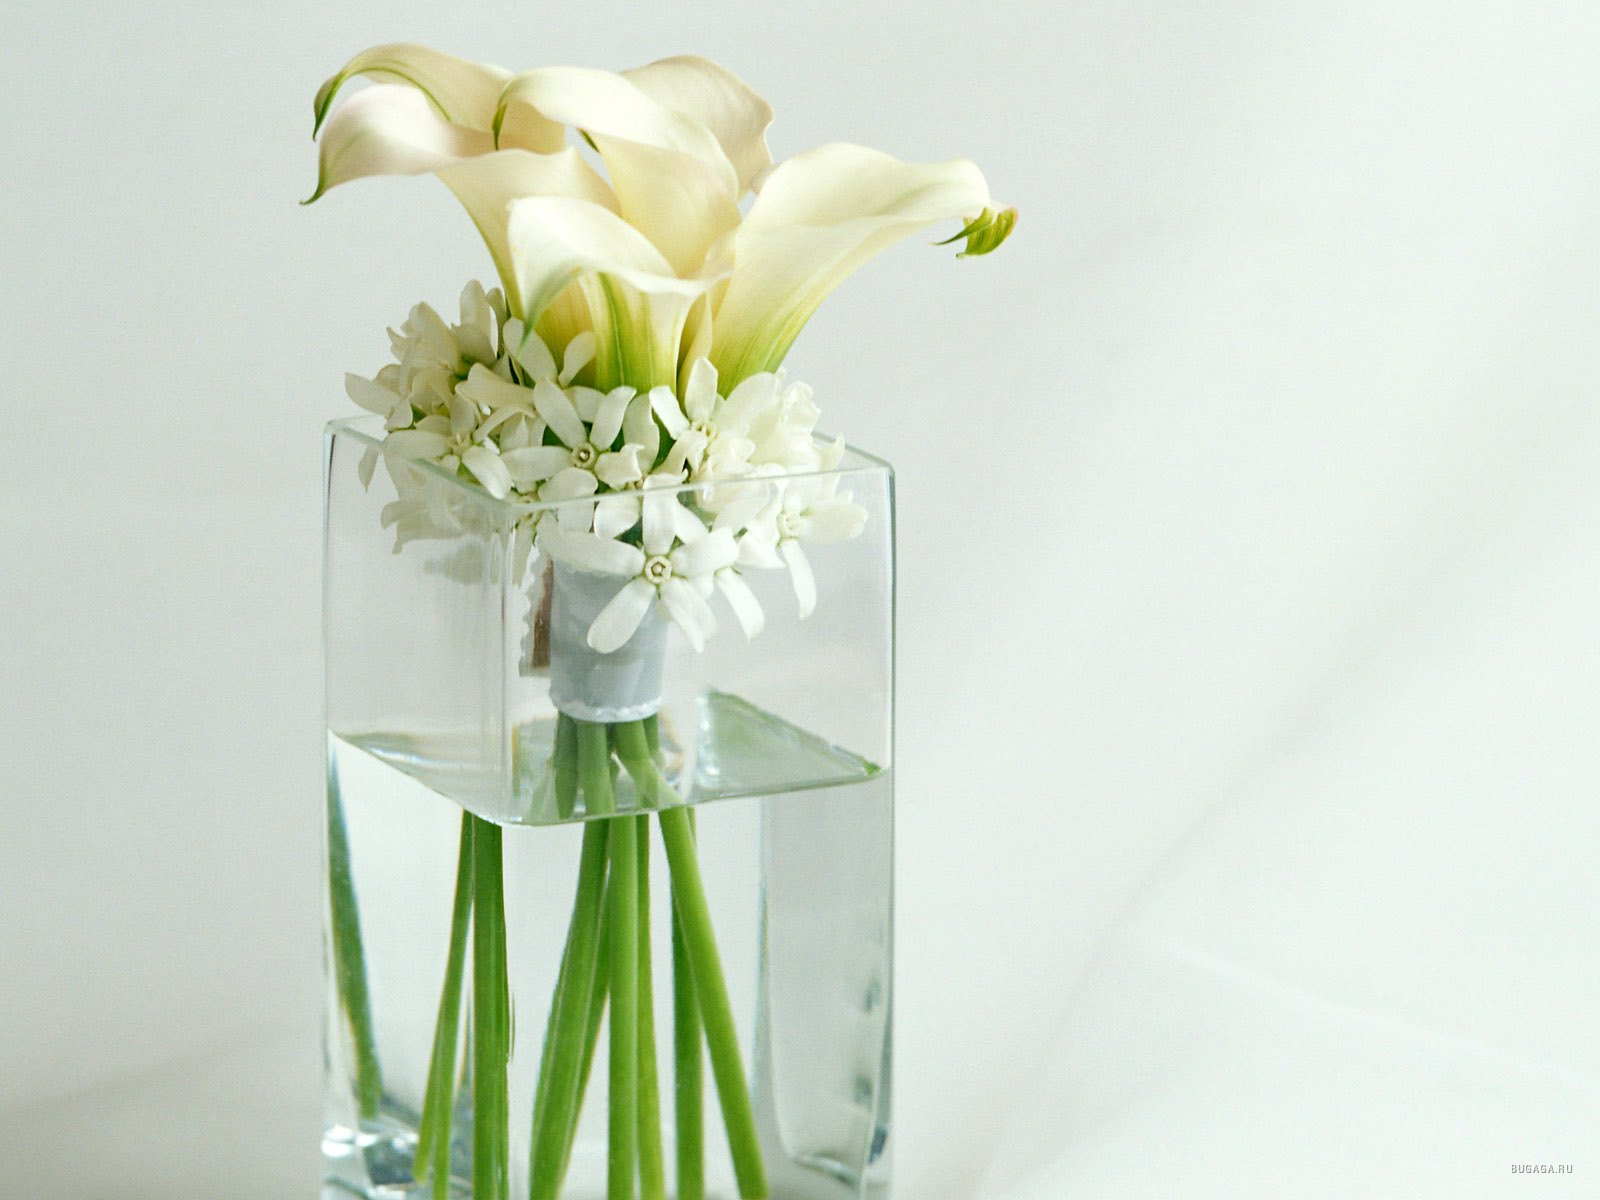 Цветы (75 фото) - Скарамуш.ру - сайт хорошего настроения!